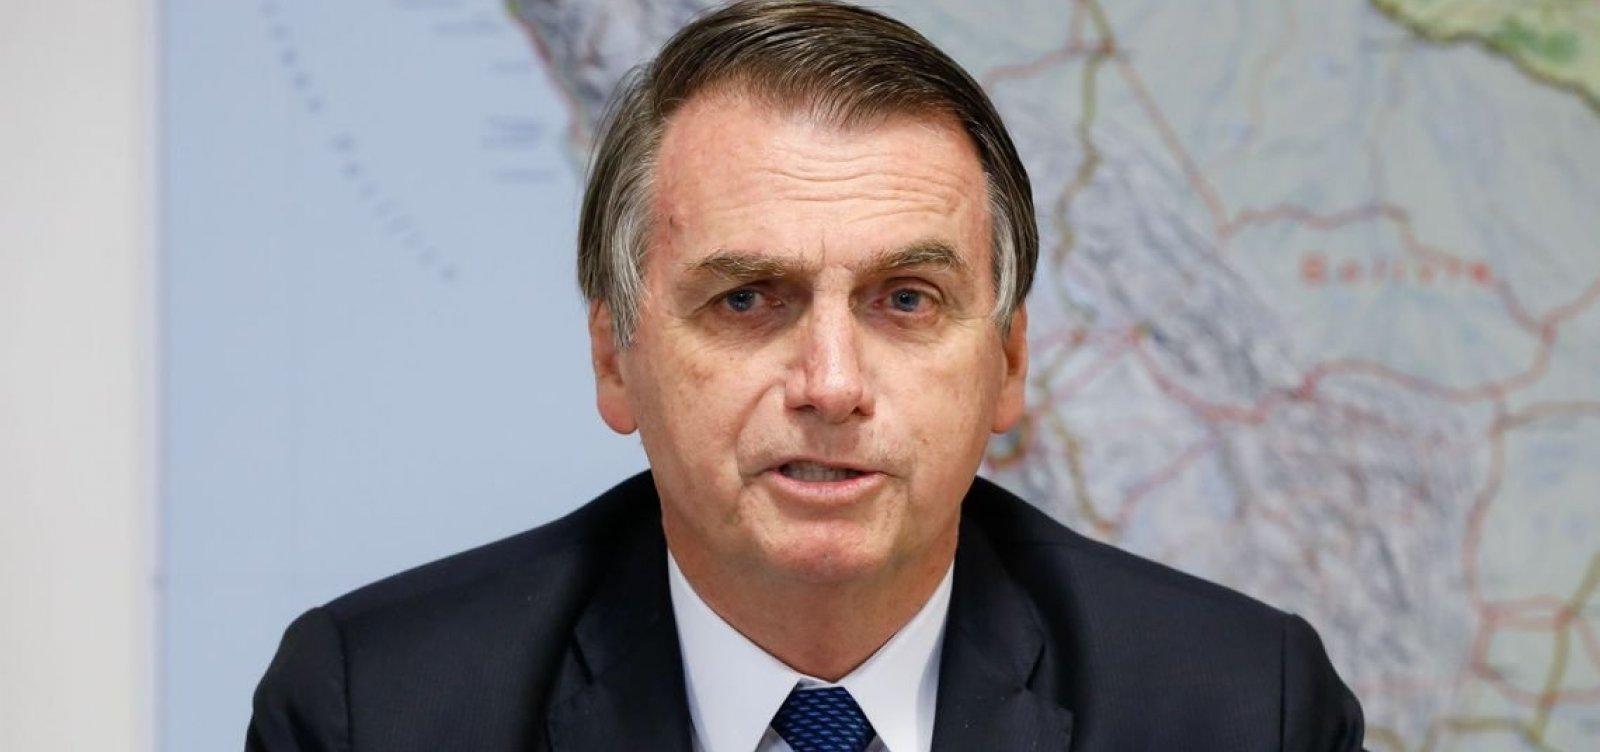 'Sempre serei favorável à liberdade de expressão', diz Bolsonaro em meio a críticas ao STF